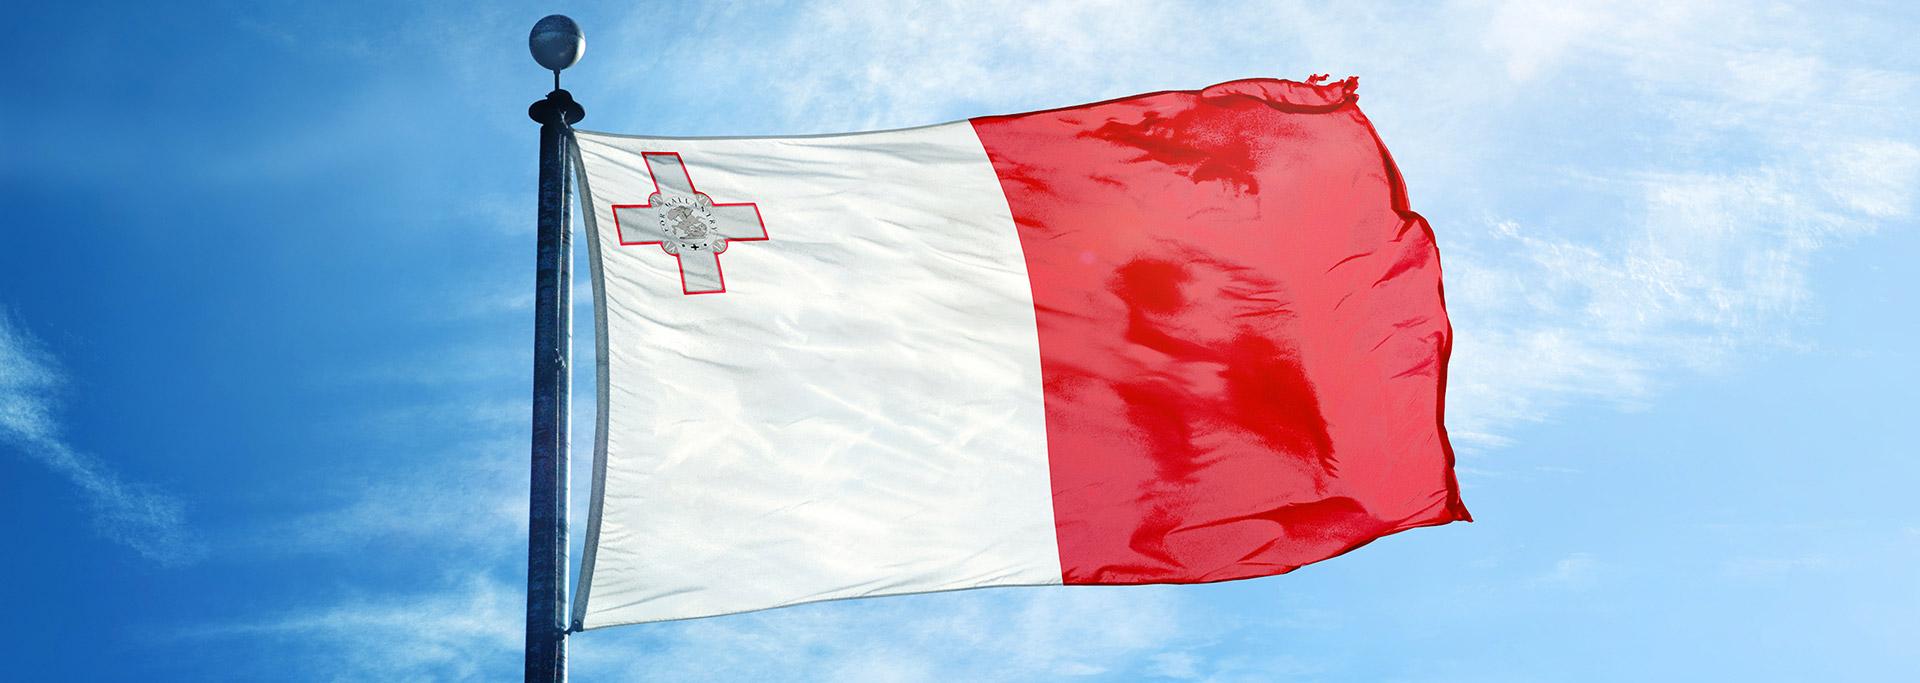 Yacht Registration in Malta-banner